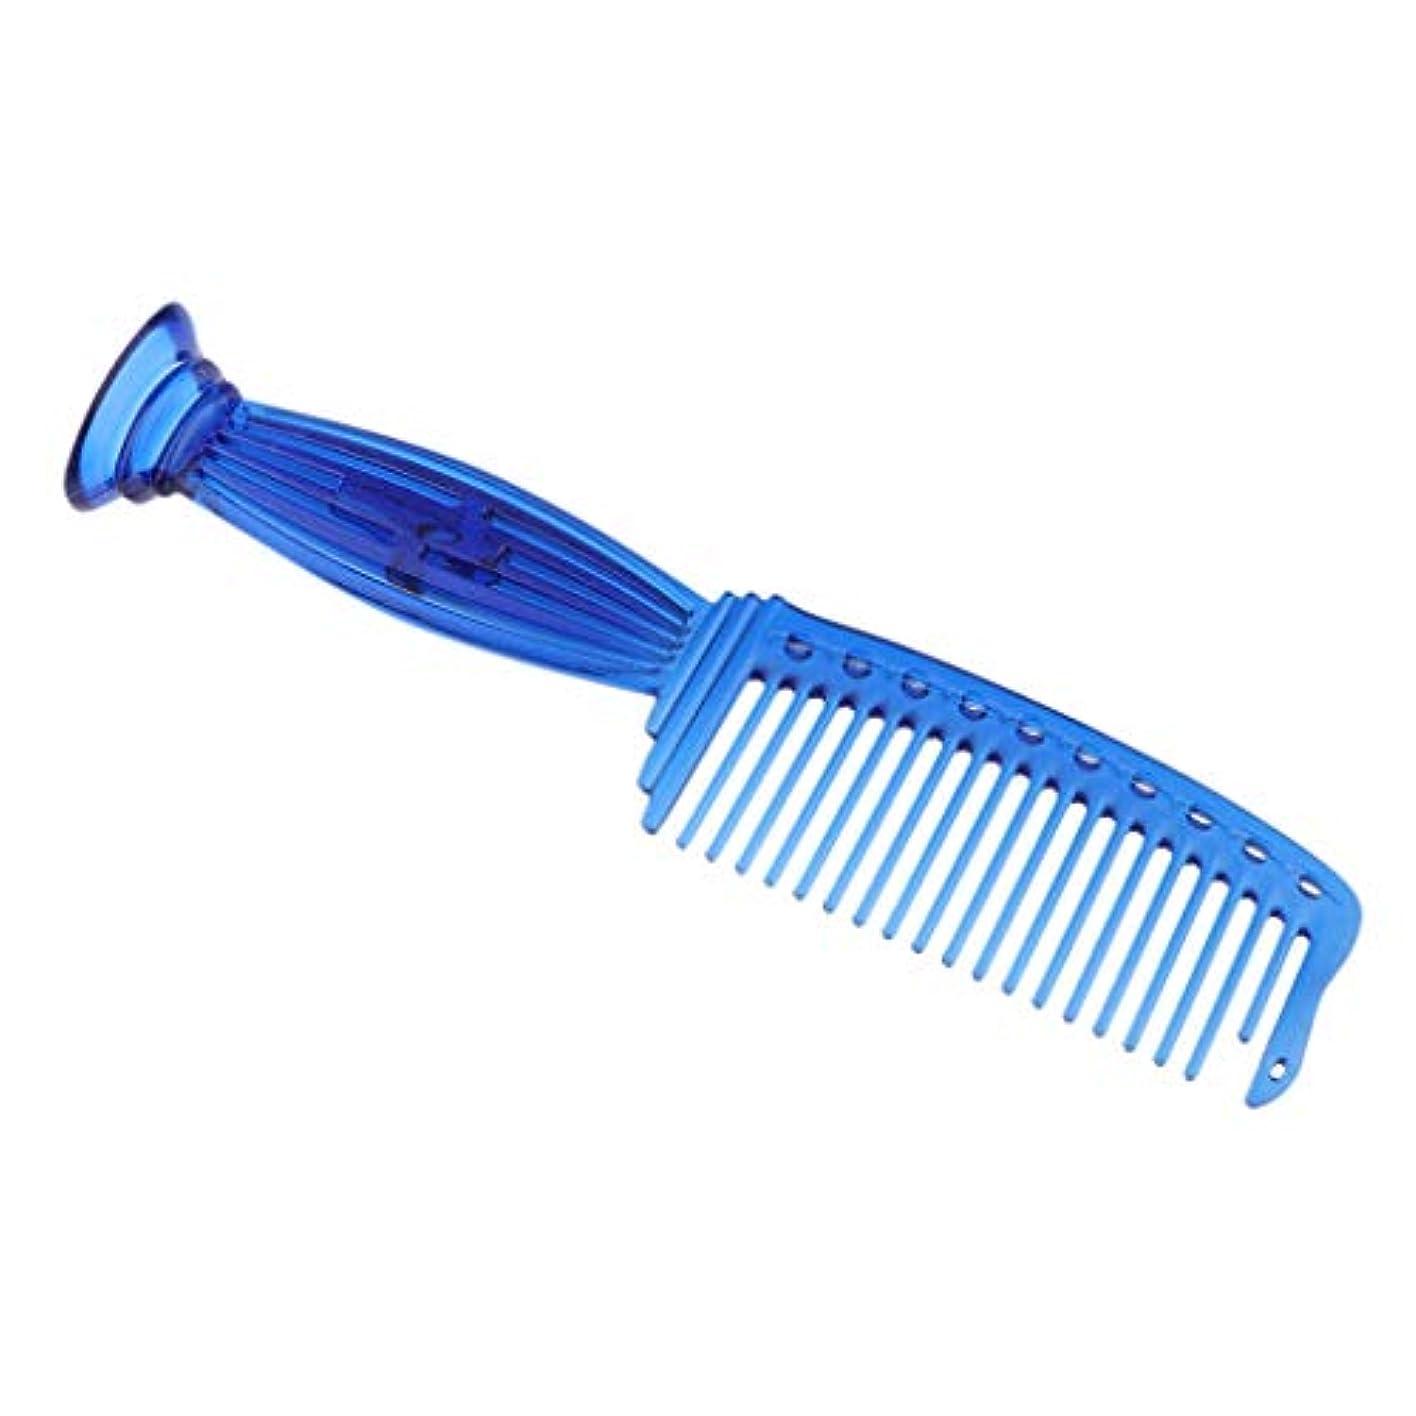 本気何十人も小さなヘアコーム ヘアブラシ プロ ヘアサロン 理髪師 ワイド歯 プラスチック 5色選べ - 青